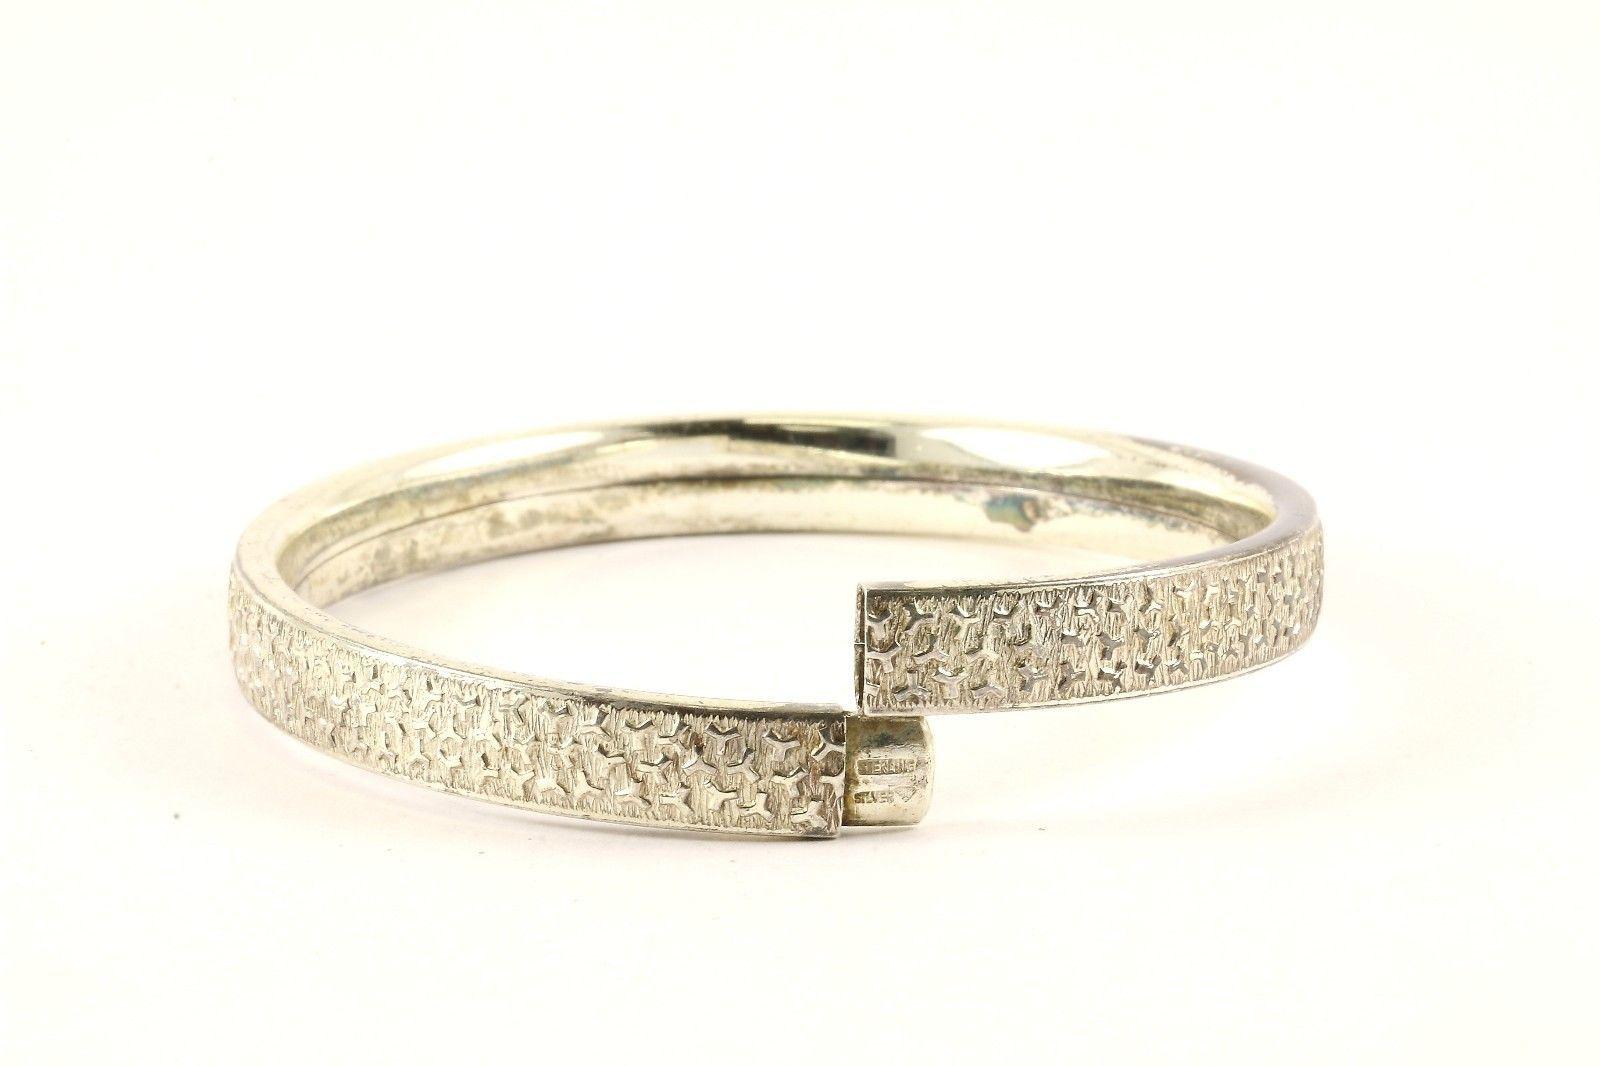 Vintage Textured Design Bangle Bracelet 925 Sterling BR 2851